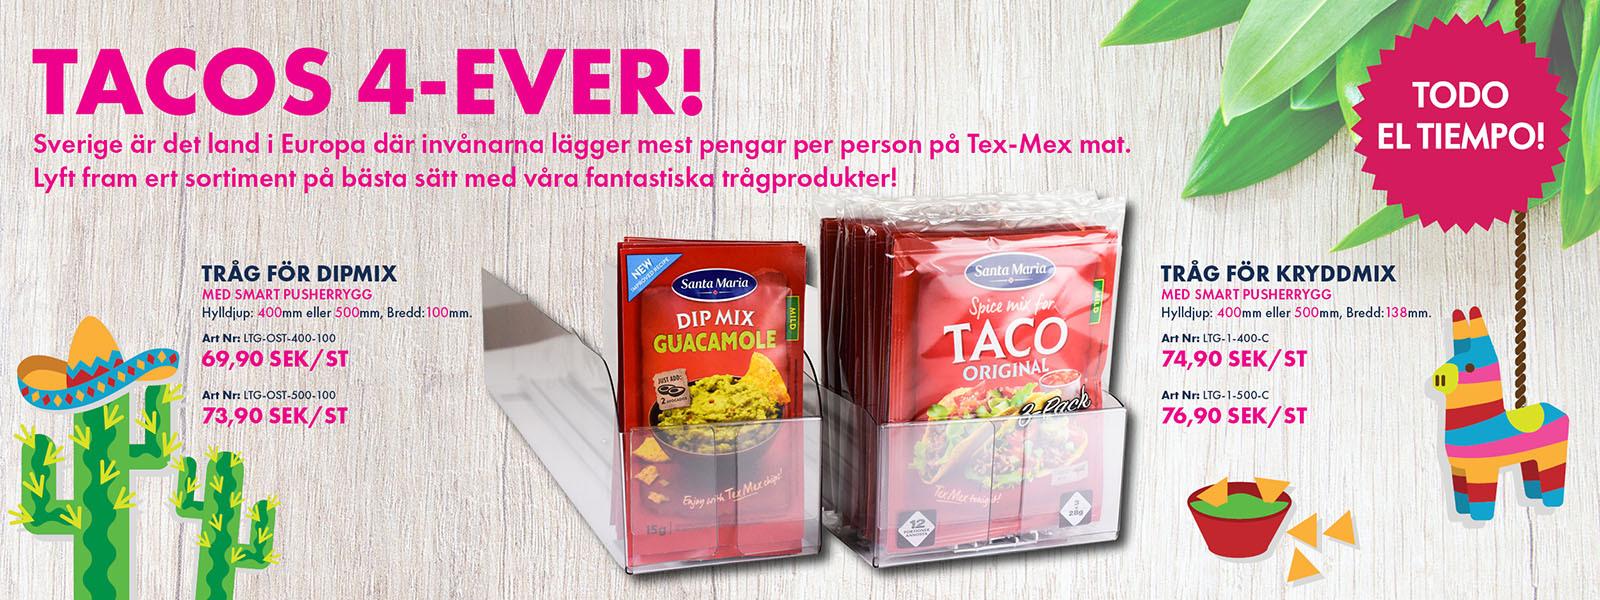 Taco Tråg